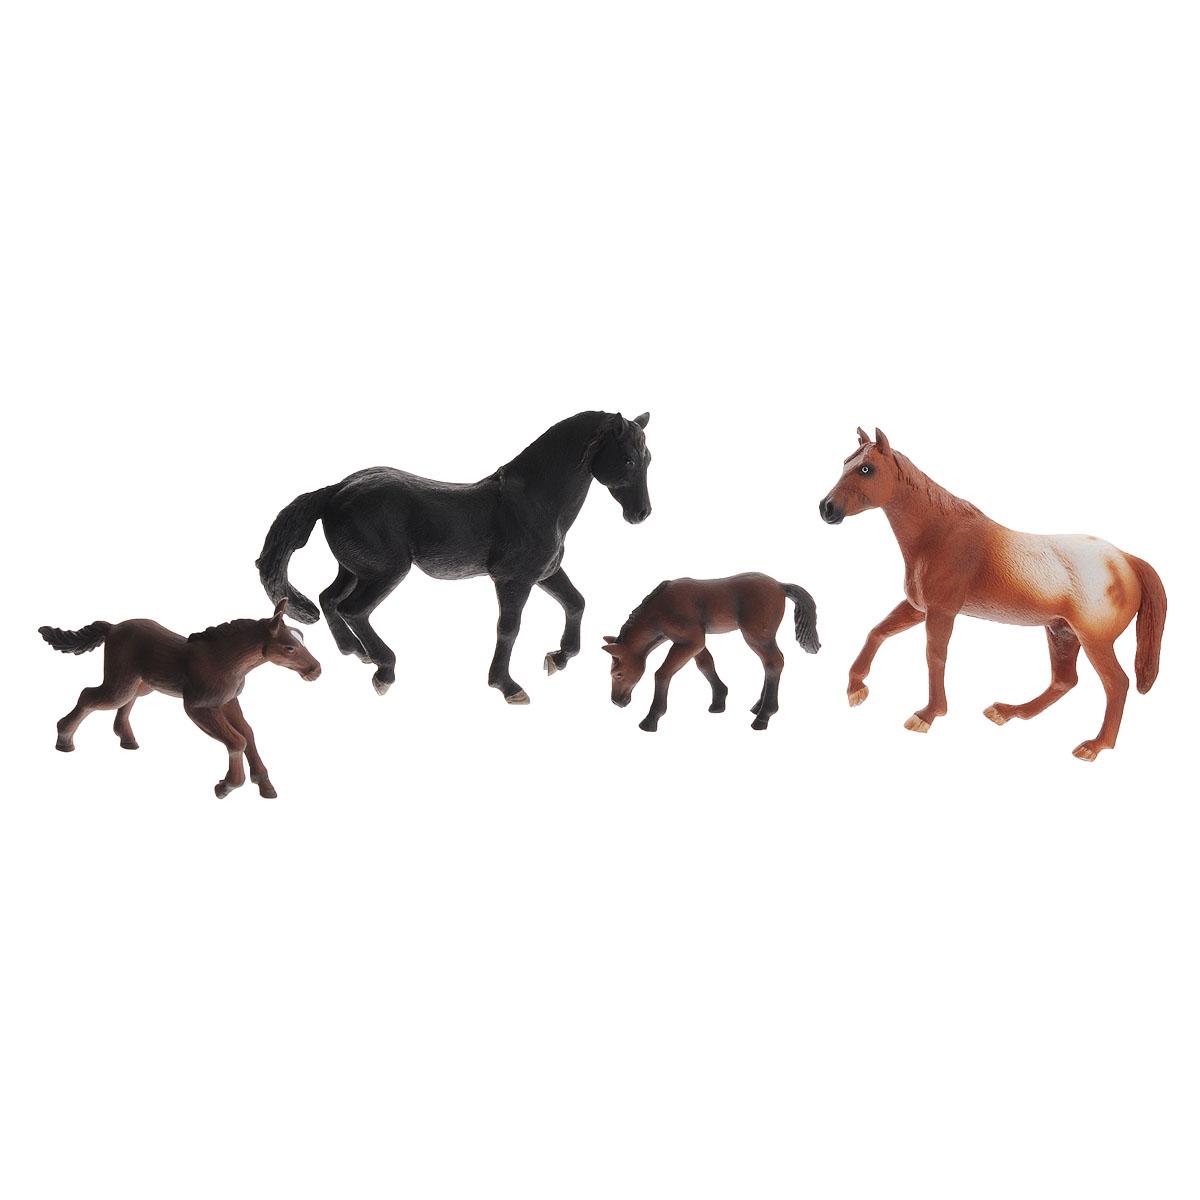 Набор фигурок Mojo Лошади, 4 шт387310Набор фигурок Mojo Лошади познакомят вашего ребенка с окружающим миром. В набор входят четыре фигурки лошадок: черный жеребец, апалузский гнедой, гановерский жеребенок и жеребенок, которые имеют высокую степень сходства с настоящими лошадьми и очень высокую детализацию, что позволяет использовать фигурки не только как игровые, но и как коллекционные. Кроме того, фигурки можно использовать в качестве наглядного пособия при изучении животного мира. Фигурки изготовлены из полимерного материала, не токсичны и не вызывают аллергию.